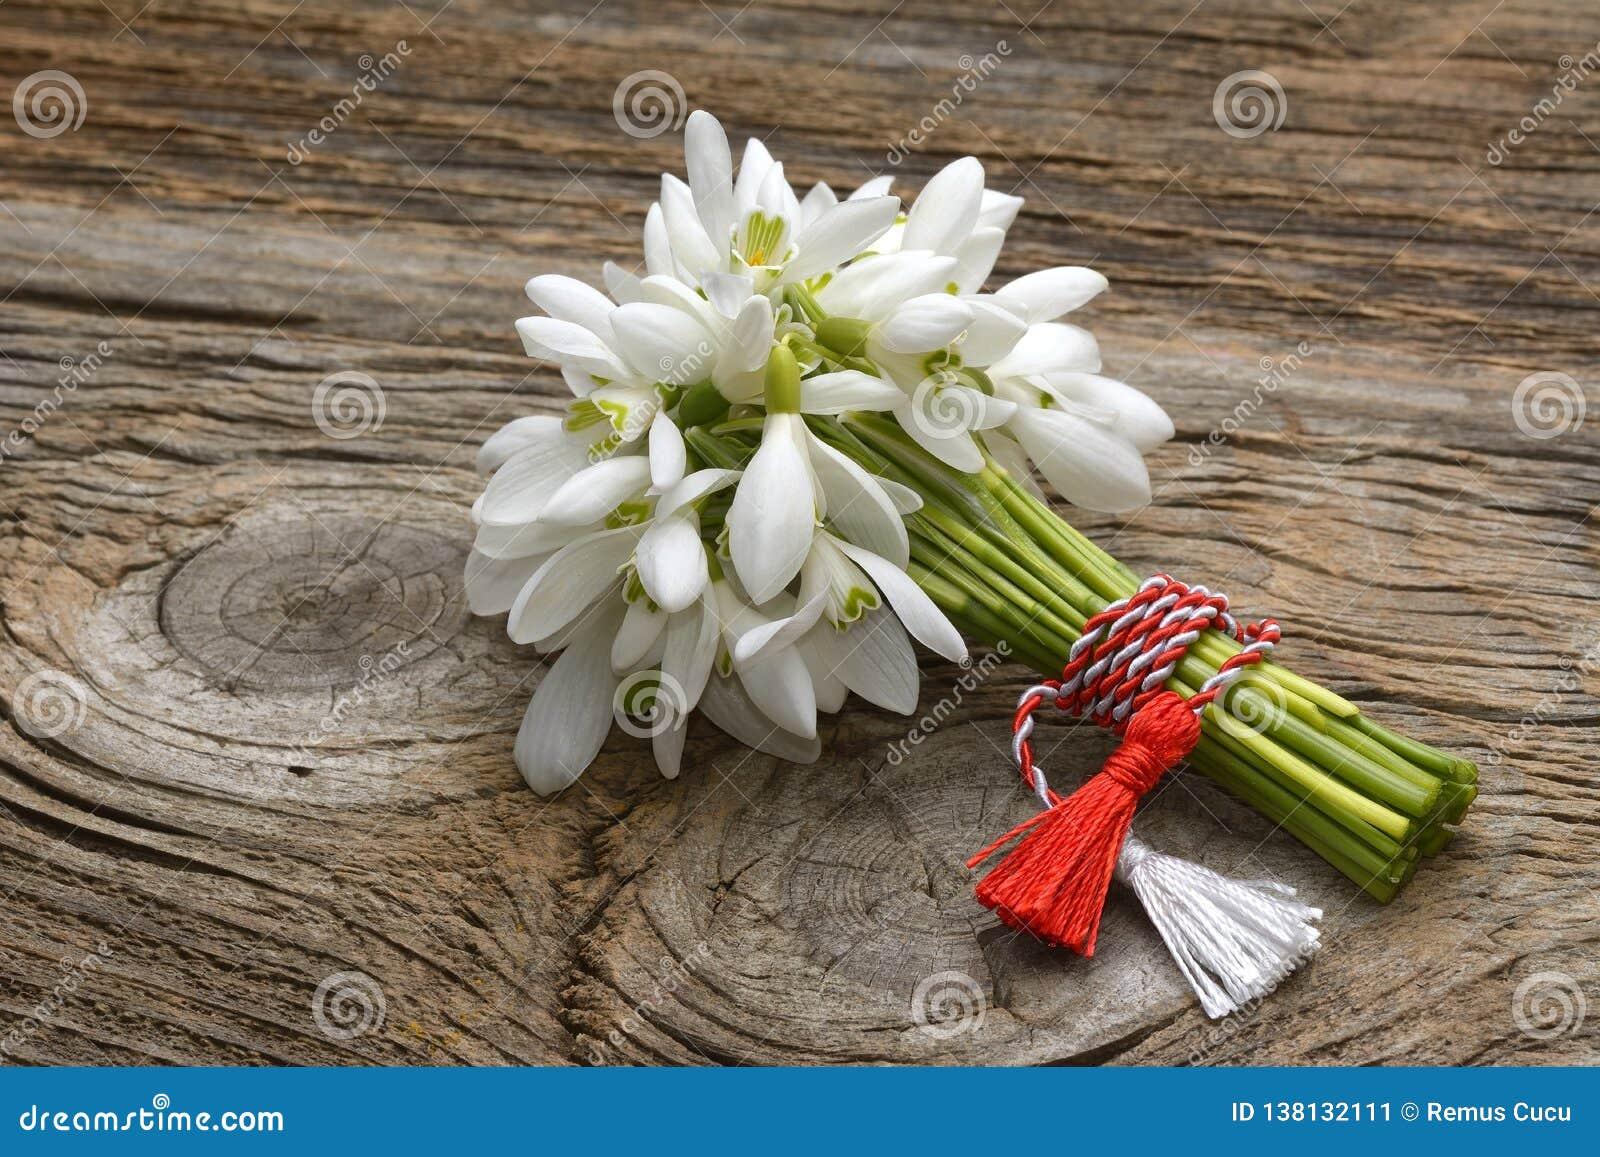 Śnieżyczki, 1st Marcowa tradycja biała i czerwony sznura martisor odizolowywający na drewnianym tle,